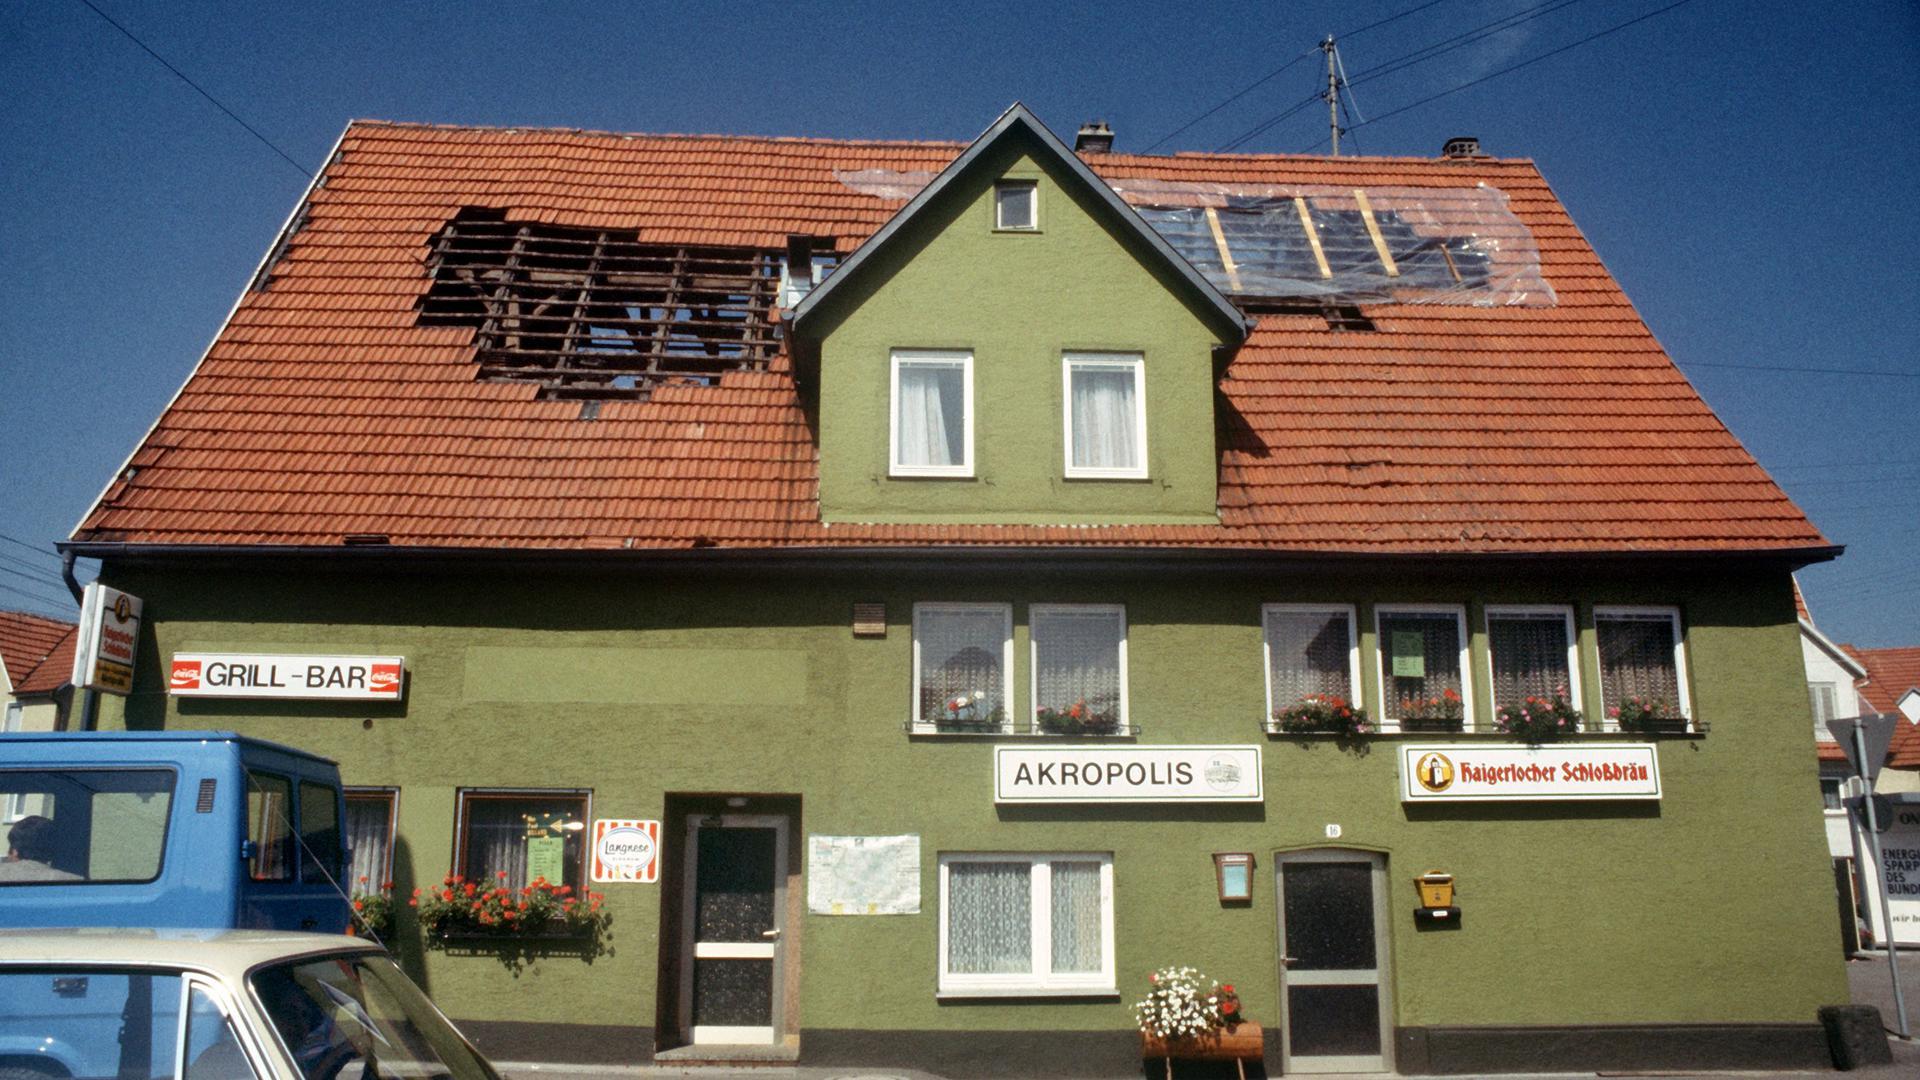 Der Dachstuhl dieses von gastronomischen Betrieben genutzte Haus wurde schwer beschädigt. Das schwerste Erdbeben in Baden-Württemberg seit 35 Jahren richtete Anfang September 1978 in Albstadt im Zollernalbkreis die meisten Schäden an.